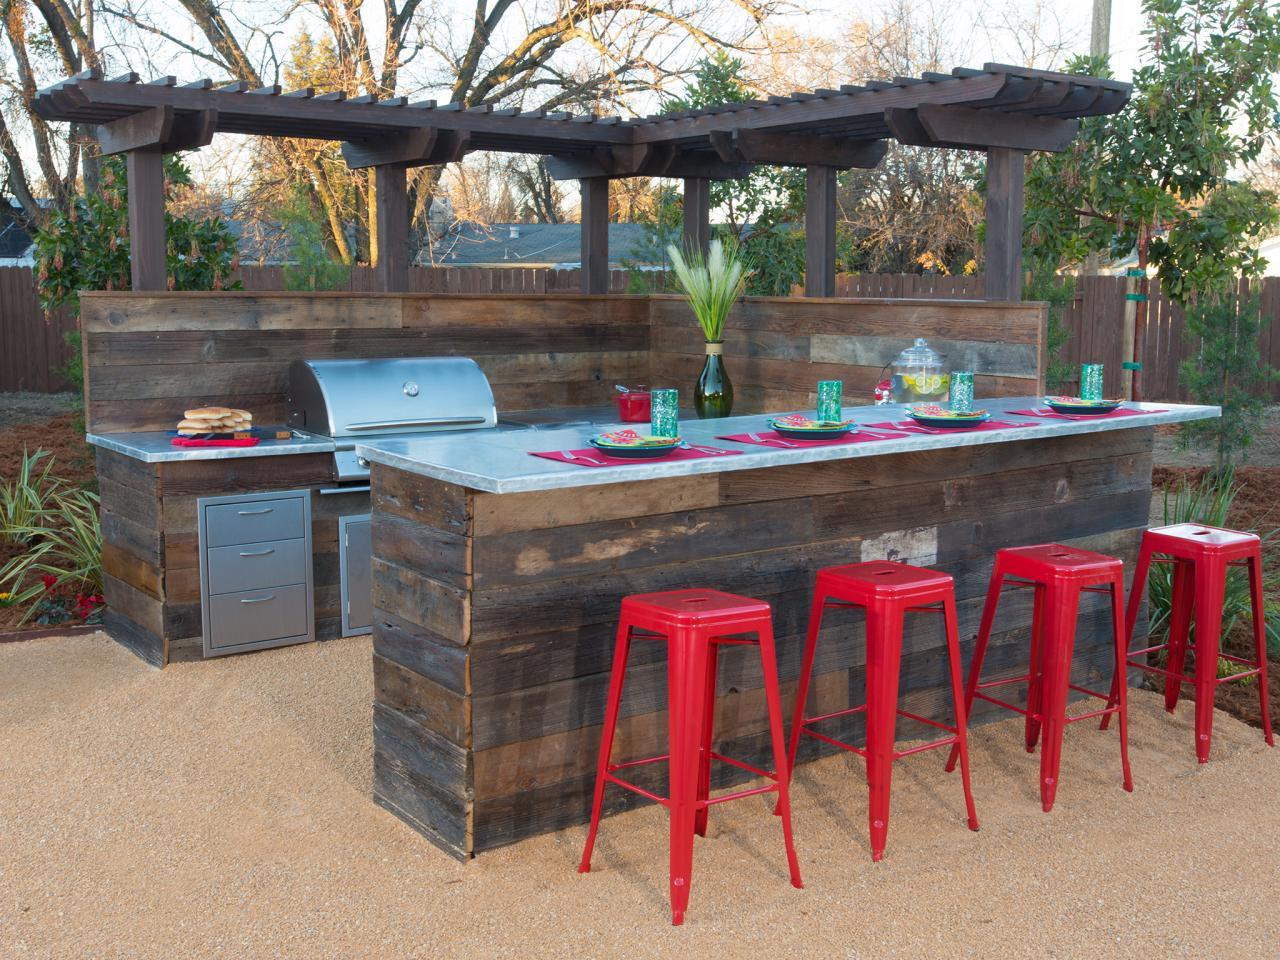 Outdoor Küchen Aus Stein : Selbstgebaute küche aus stein bauen porenbeton küche ft haouz